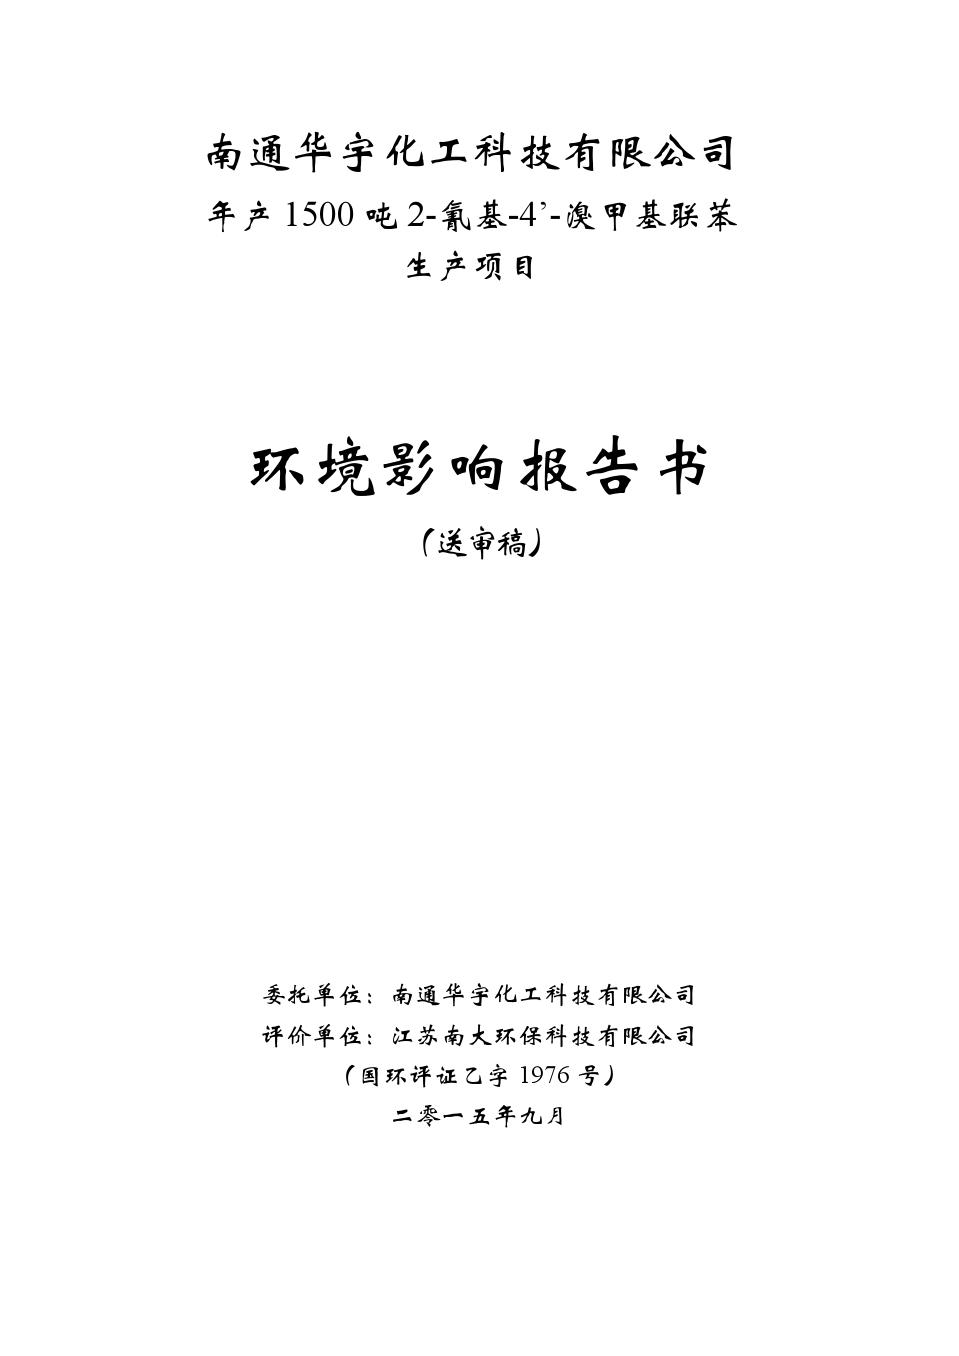 环评报告书-南通华宇化工科技有限公司年产1500